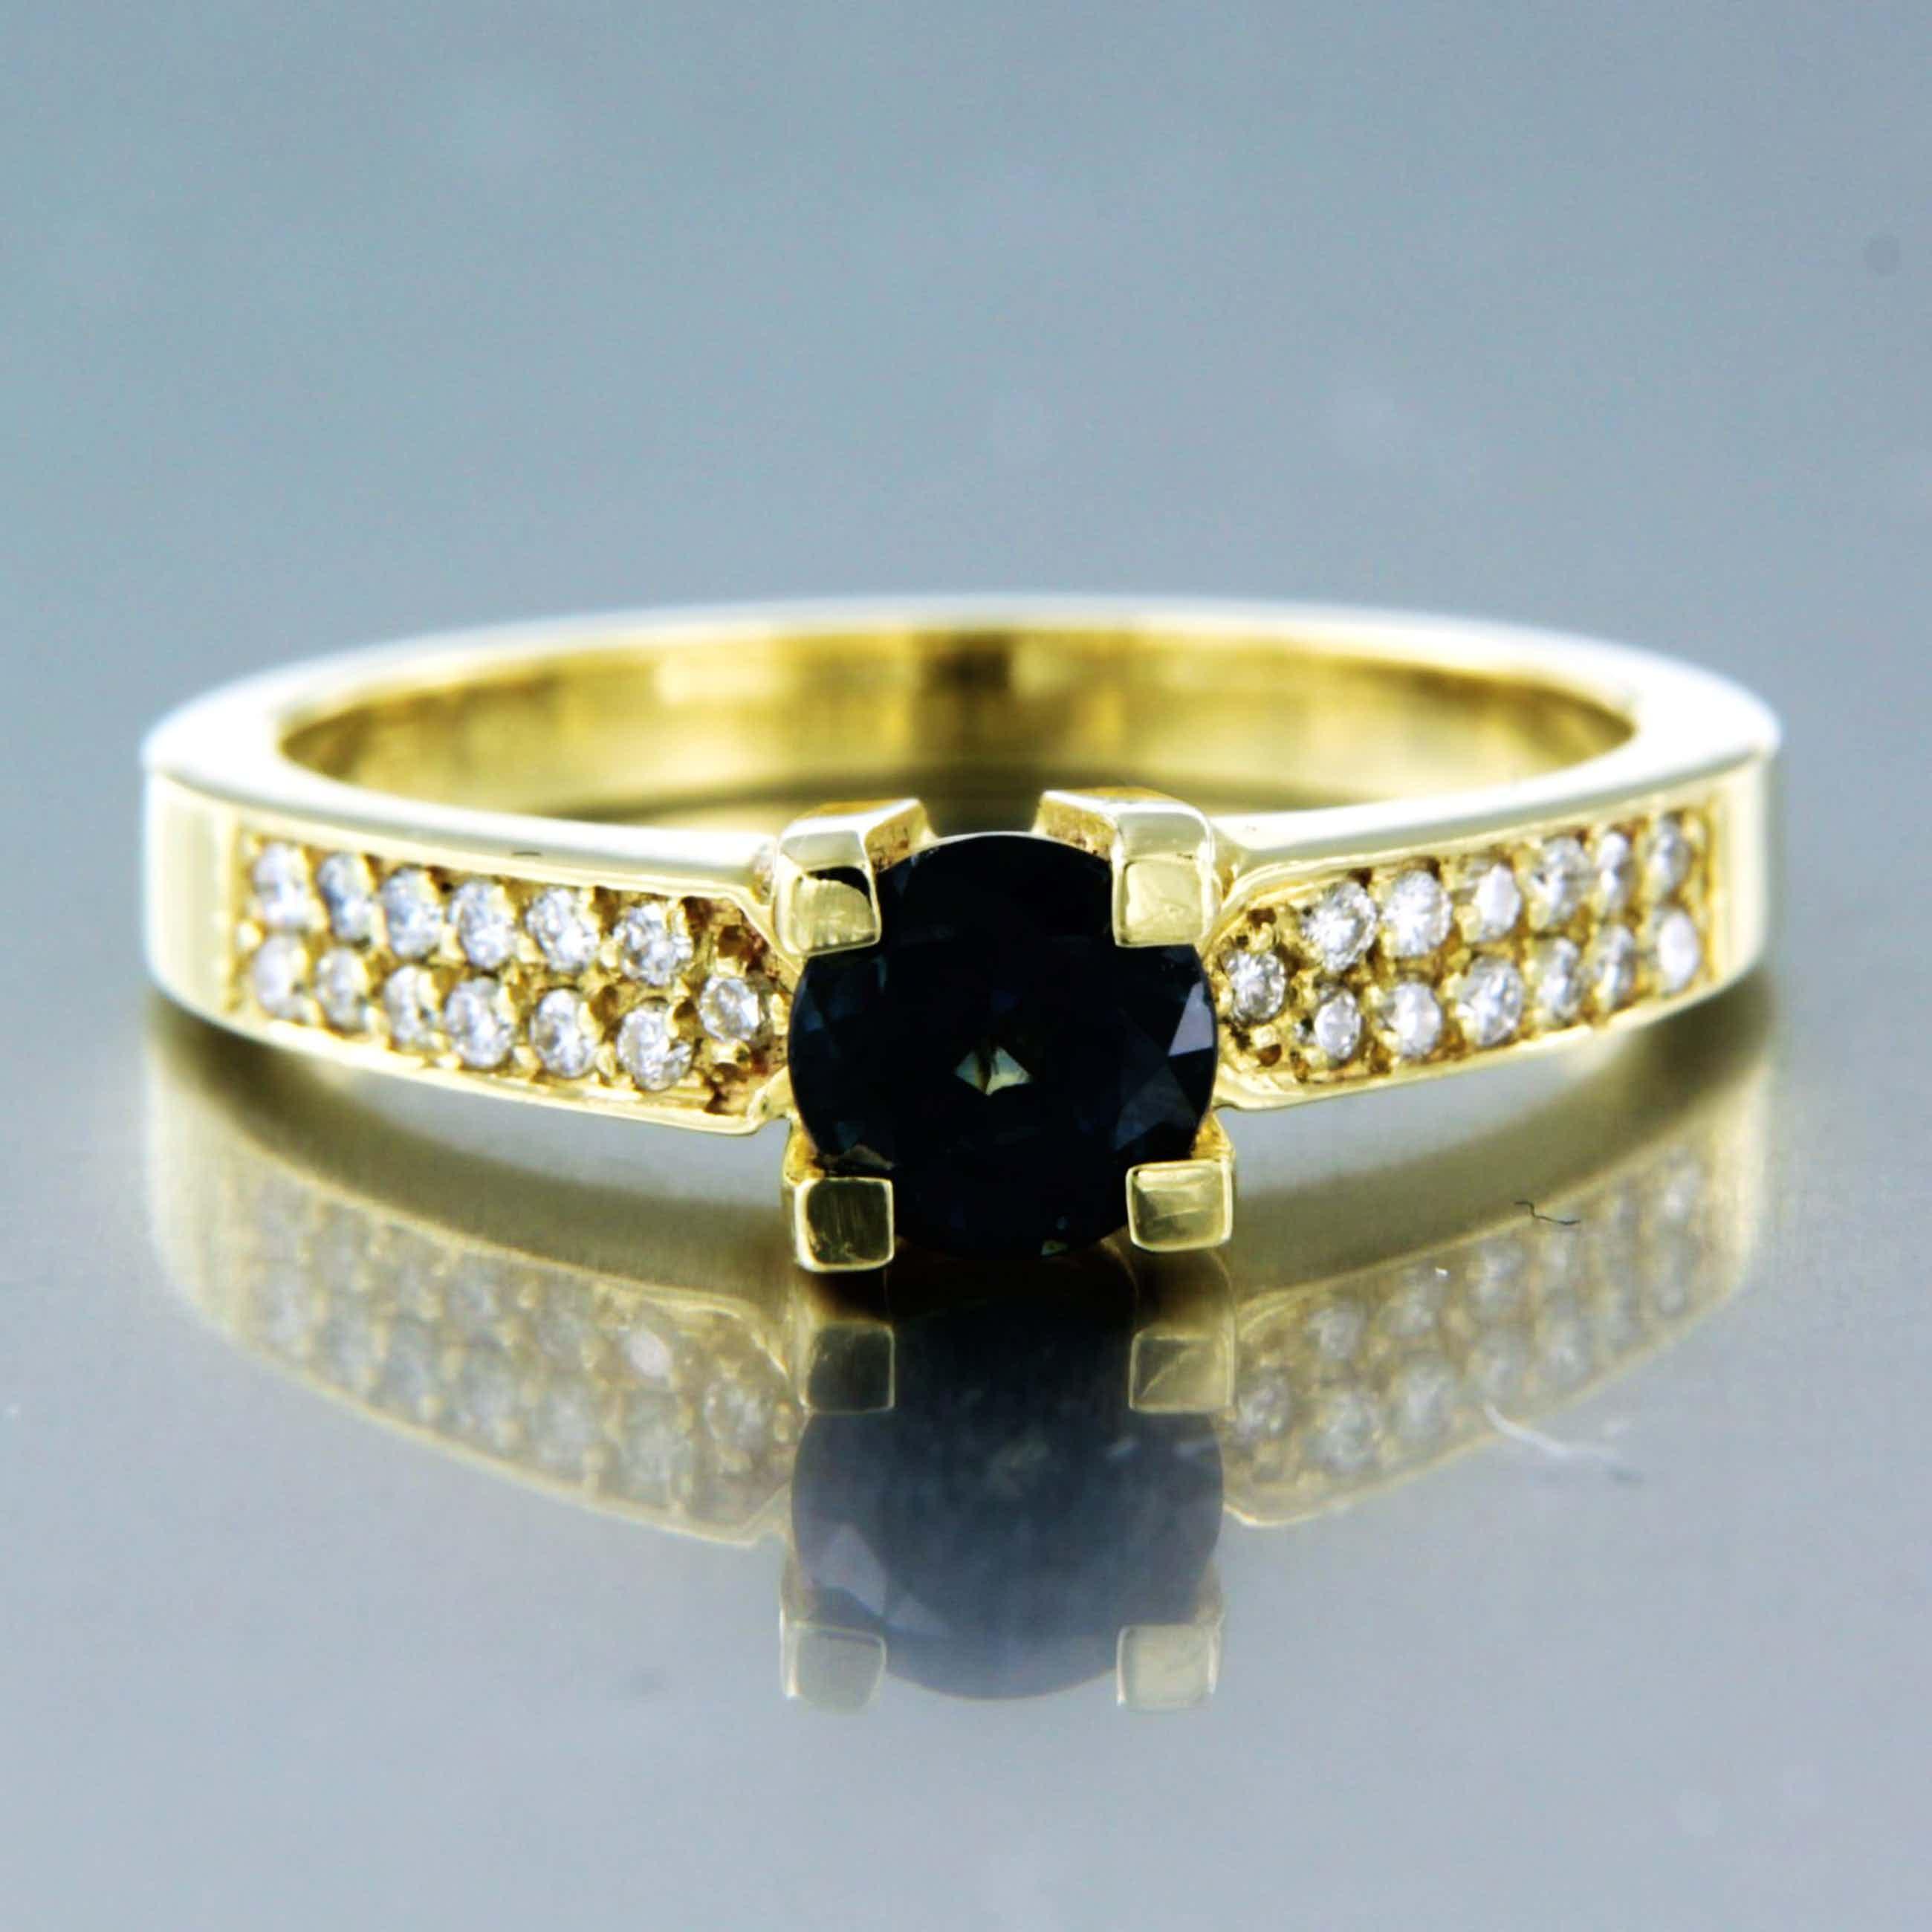 14K Goud - ring bezet met saffier en diamant - ringmaat 17,25 (54) kopen? Bied vanaf 320!